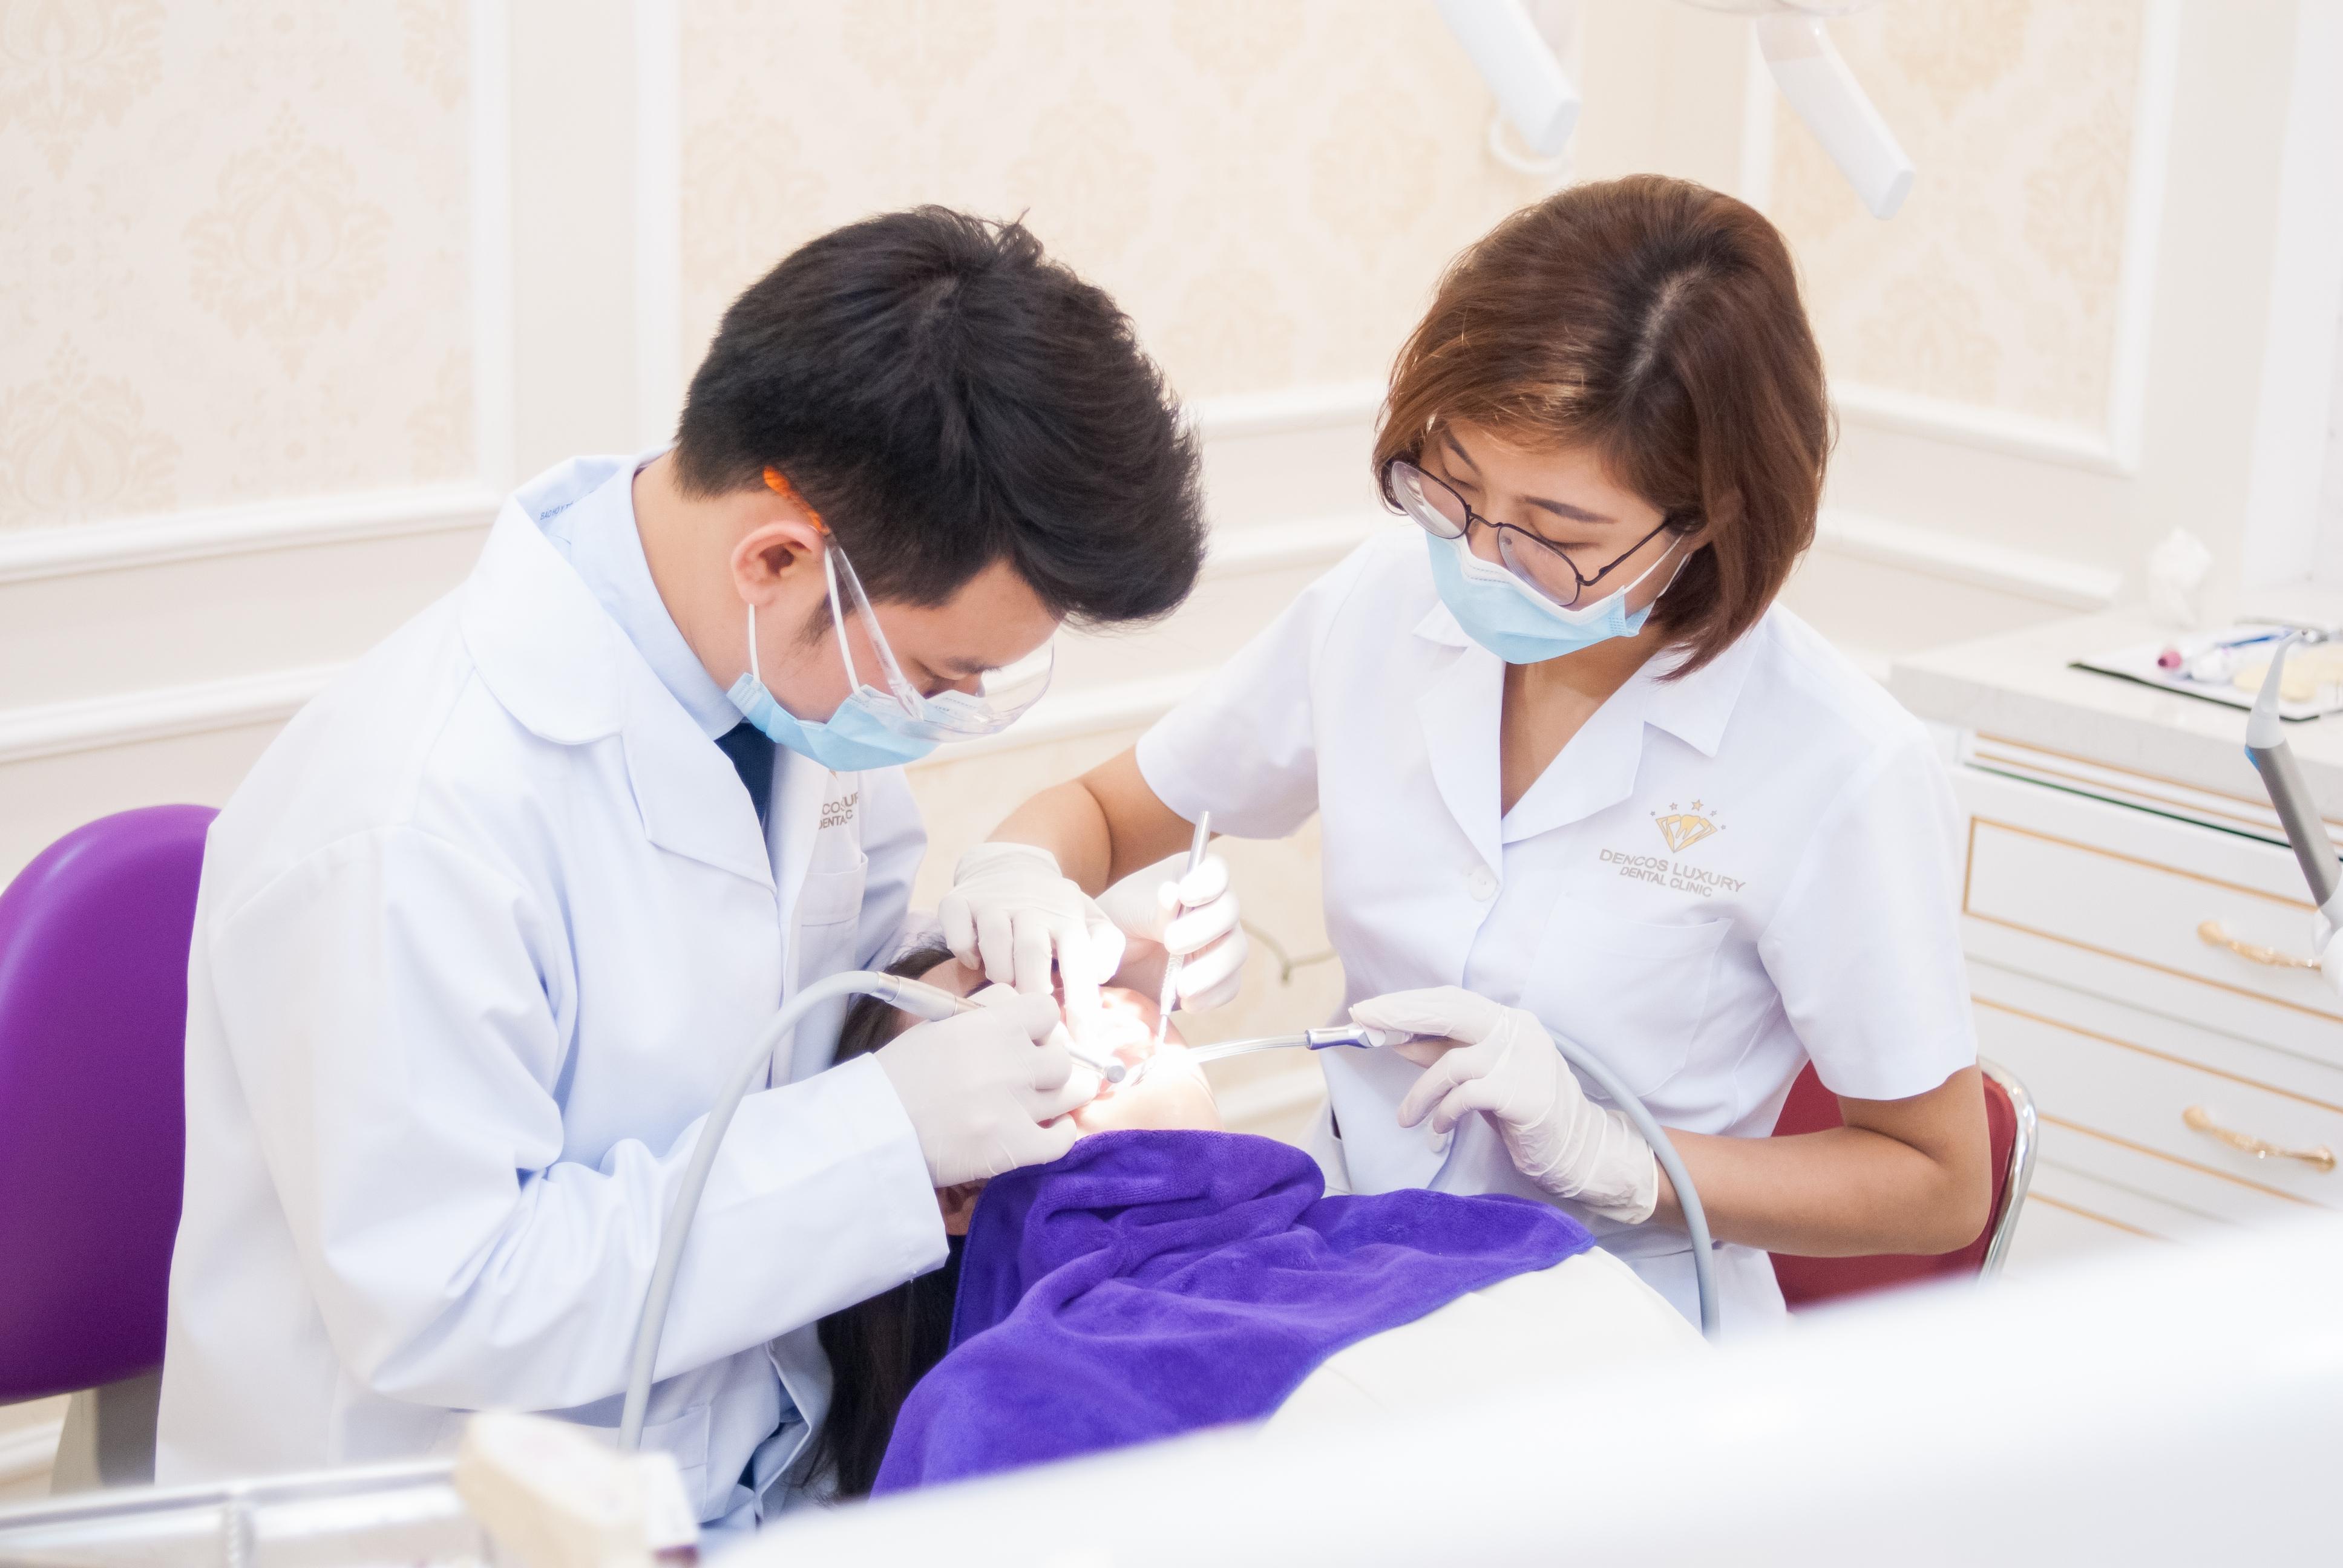 Nha sĩ lấy cao răng như thế nào quy trình lấy cao răng